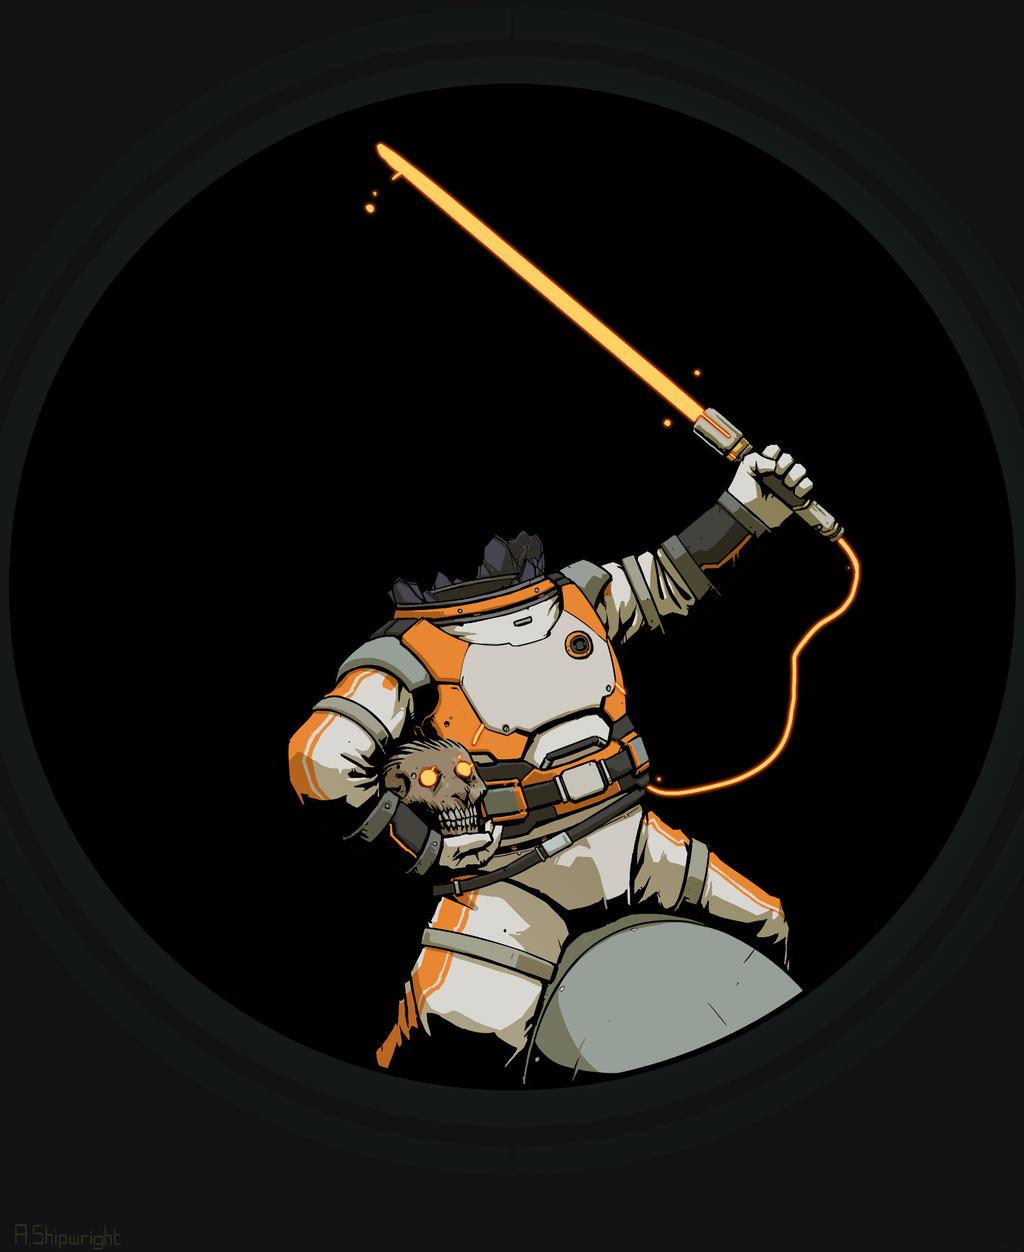 headless_space_by_ashpwright_ddzr5yq-ful